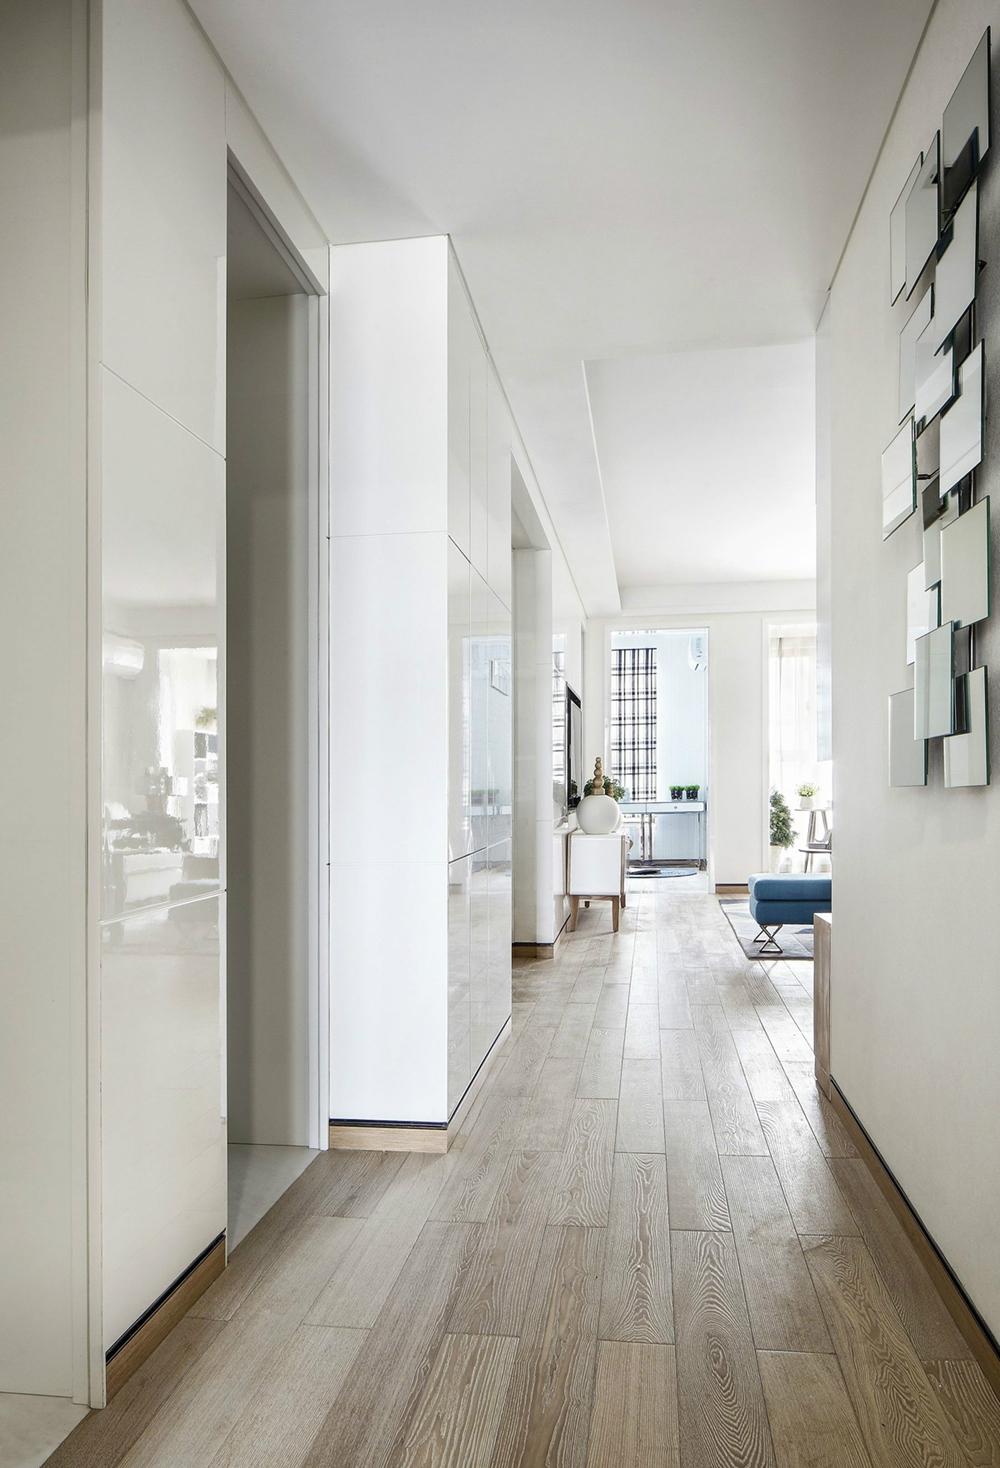 三居 白领 80后 小资 凯德世纪 世纪名邸 客厅图片来自成都生活家装饰徐洋在凯德世纪名邸110㎡法式风格实拍的分享